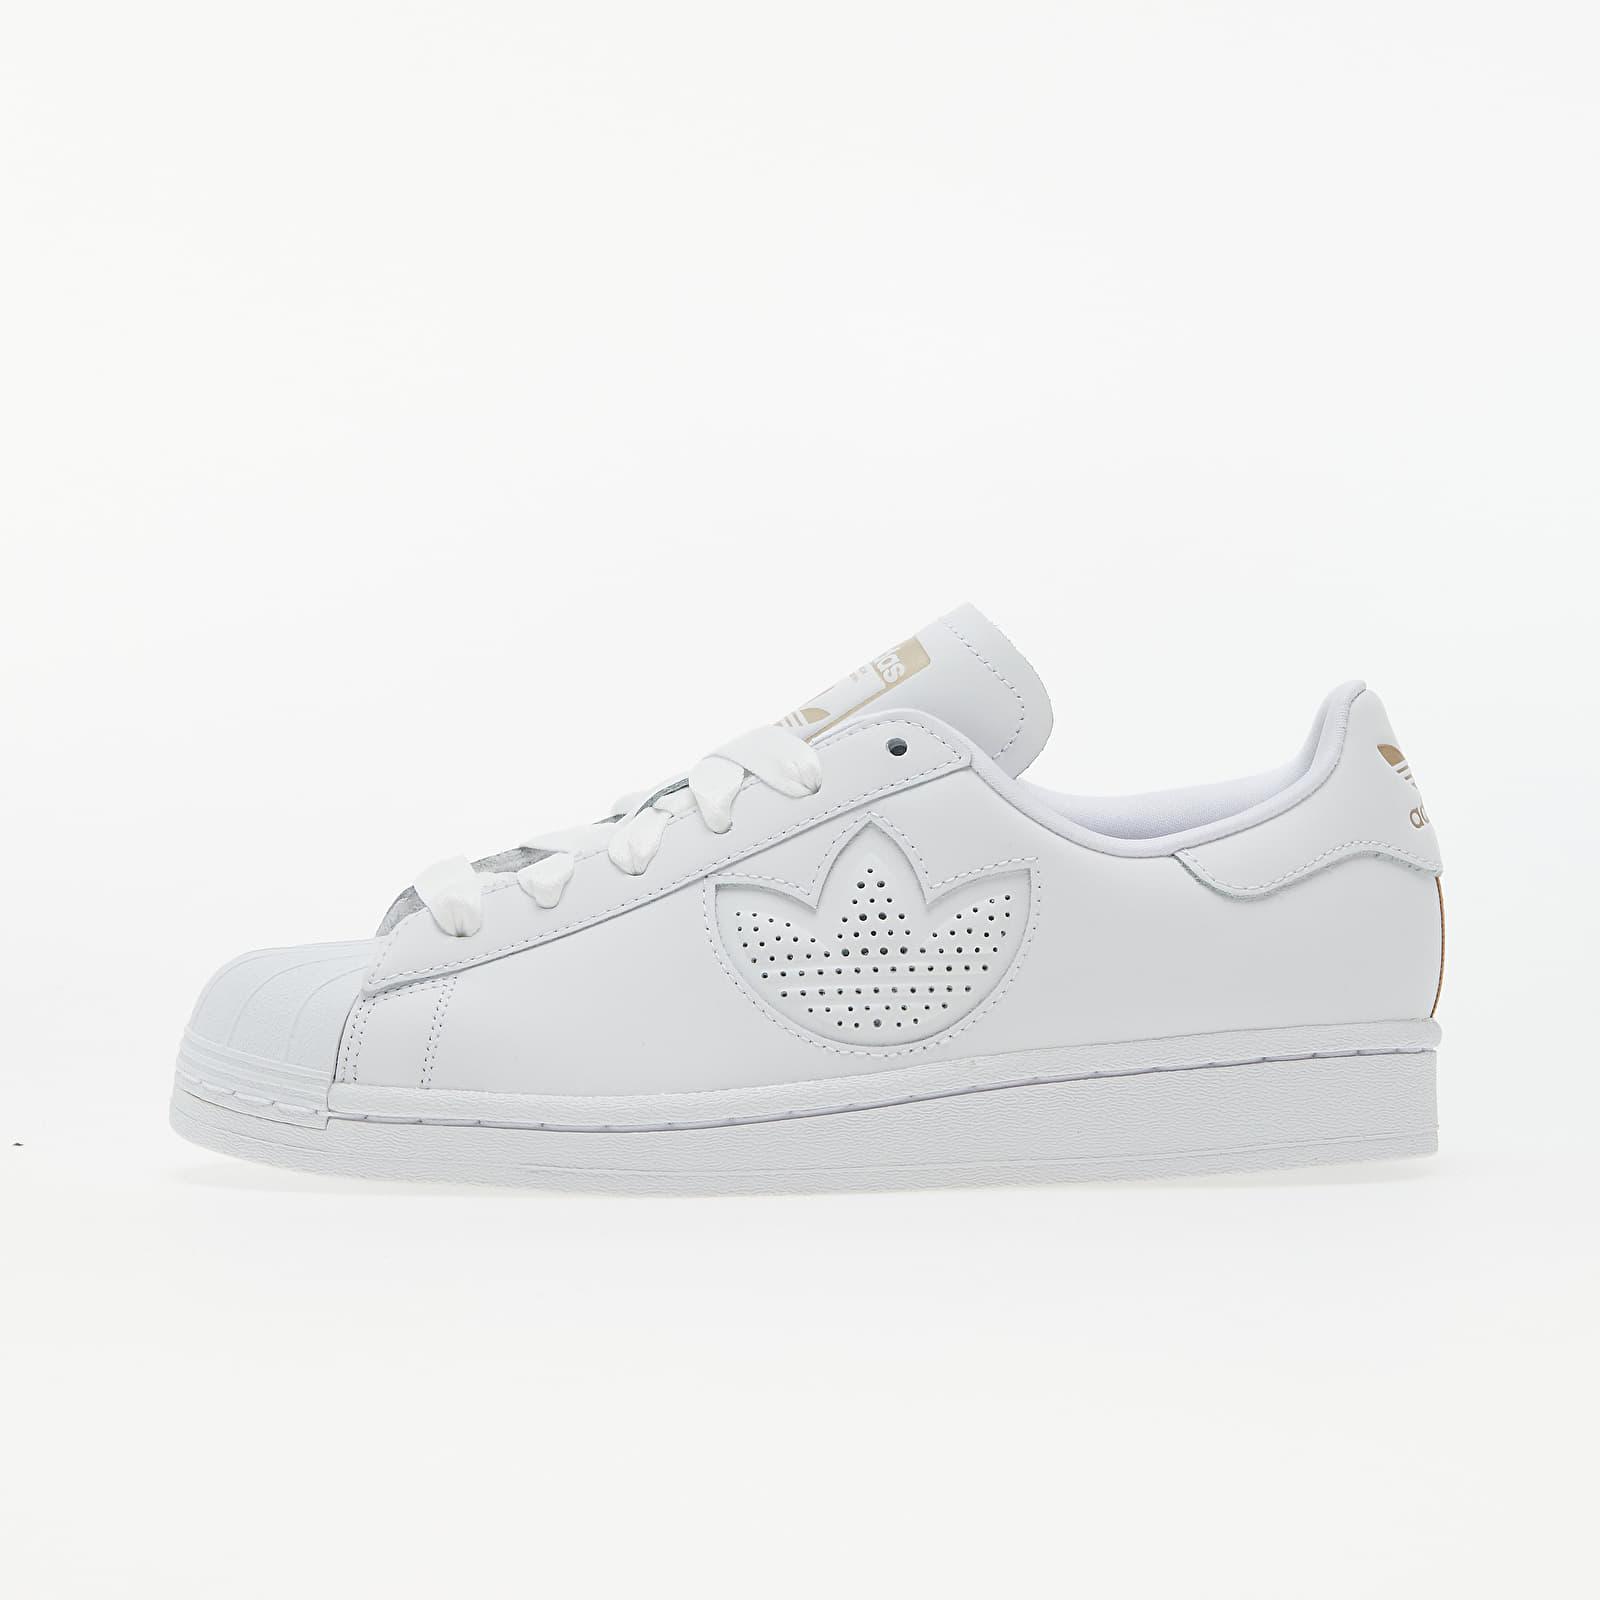 adidas Superstar W Ftw White/ Haze Copper/ Ftw White EUR 41 1/3